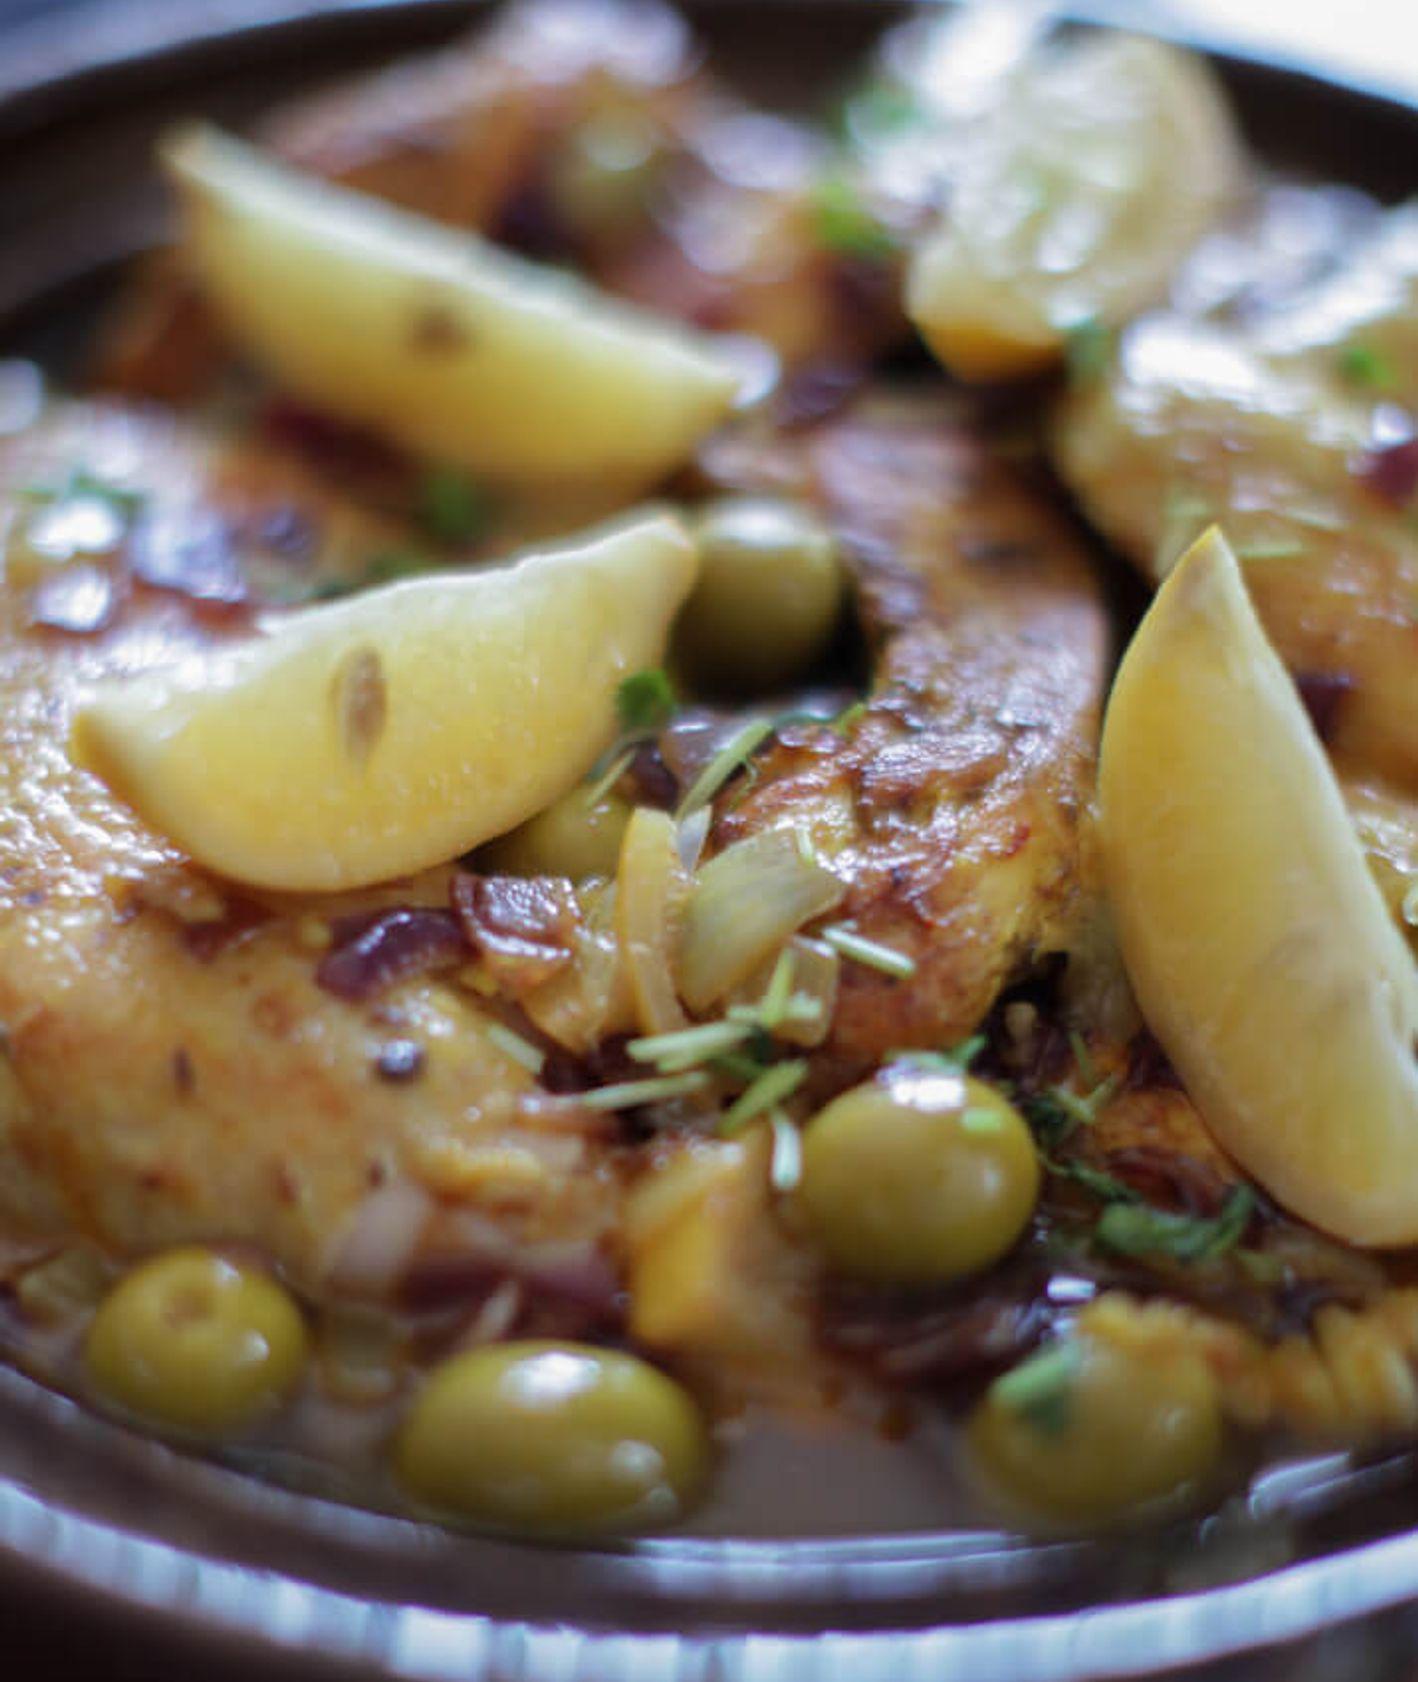 tagine z kurczakiem i oliwkami, kuchnia marokańska, kiszone cytryny, dania z kuskusem, obiad z kaszą, obiad dla całej rodziny, dania na imprezę, kuchnie świata